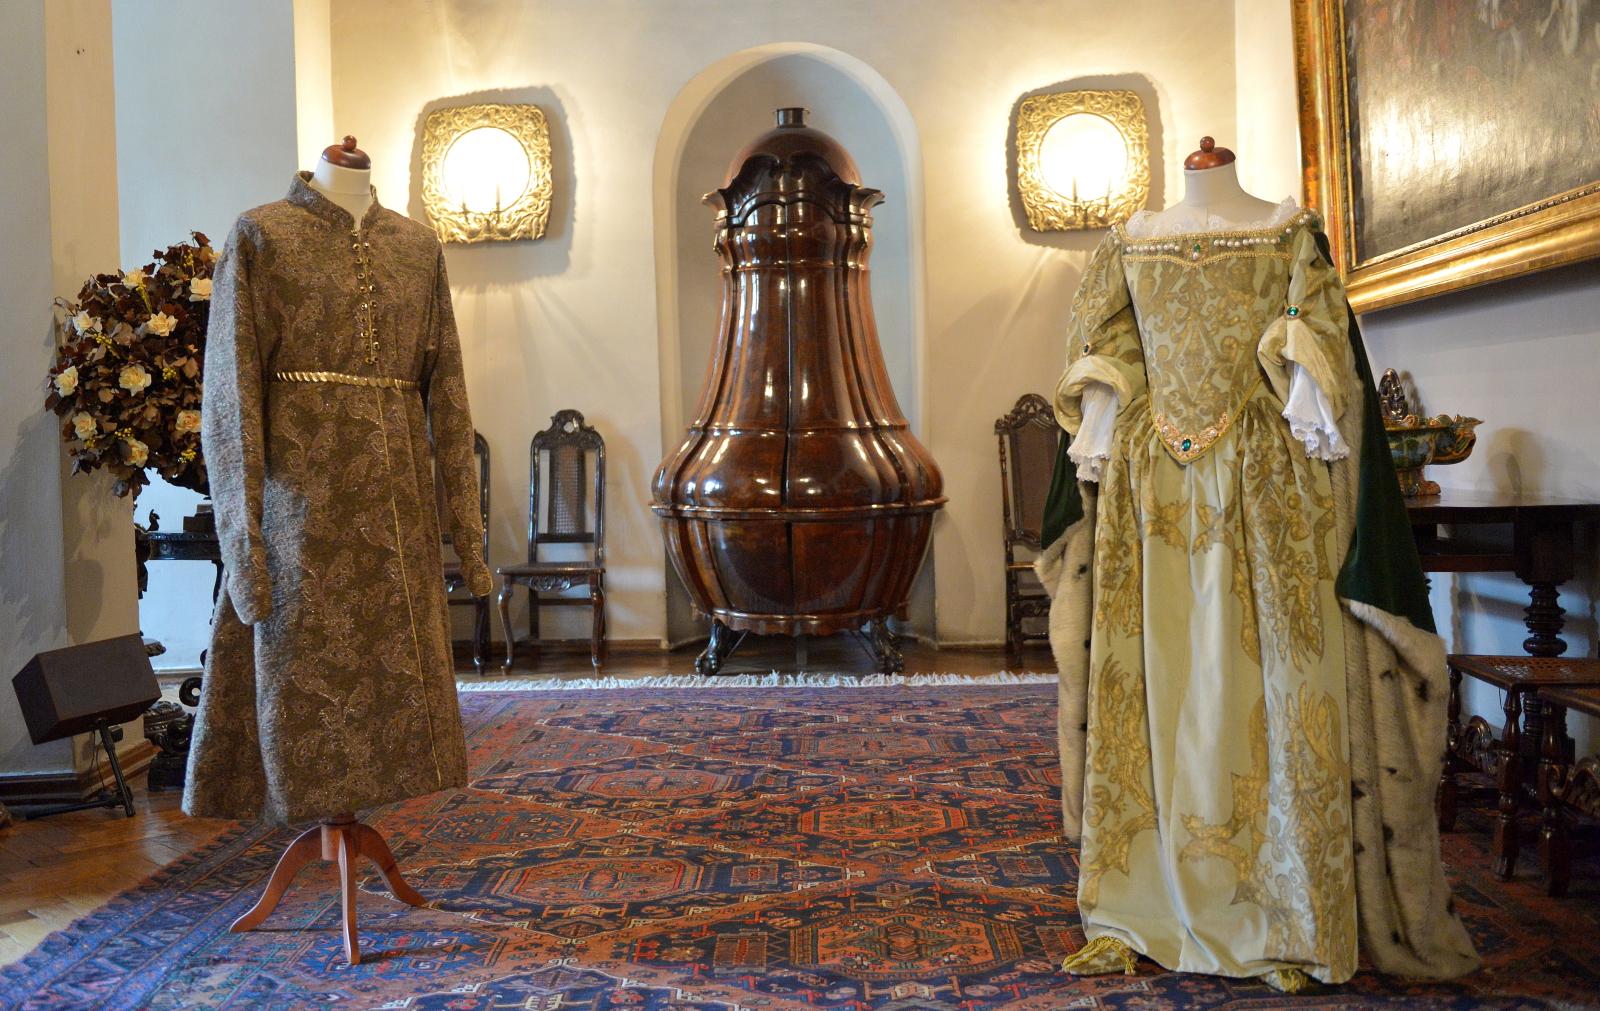 Rekonstrukcje XVII-wiecznych strojów, noszonych przez króla Jana III Sobieskiego w Łańcucie, Polska